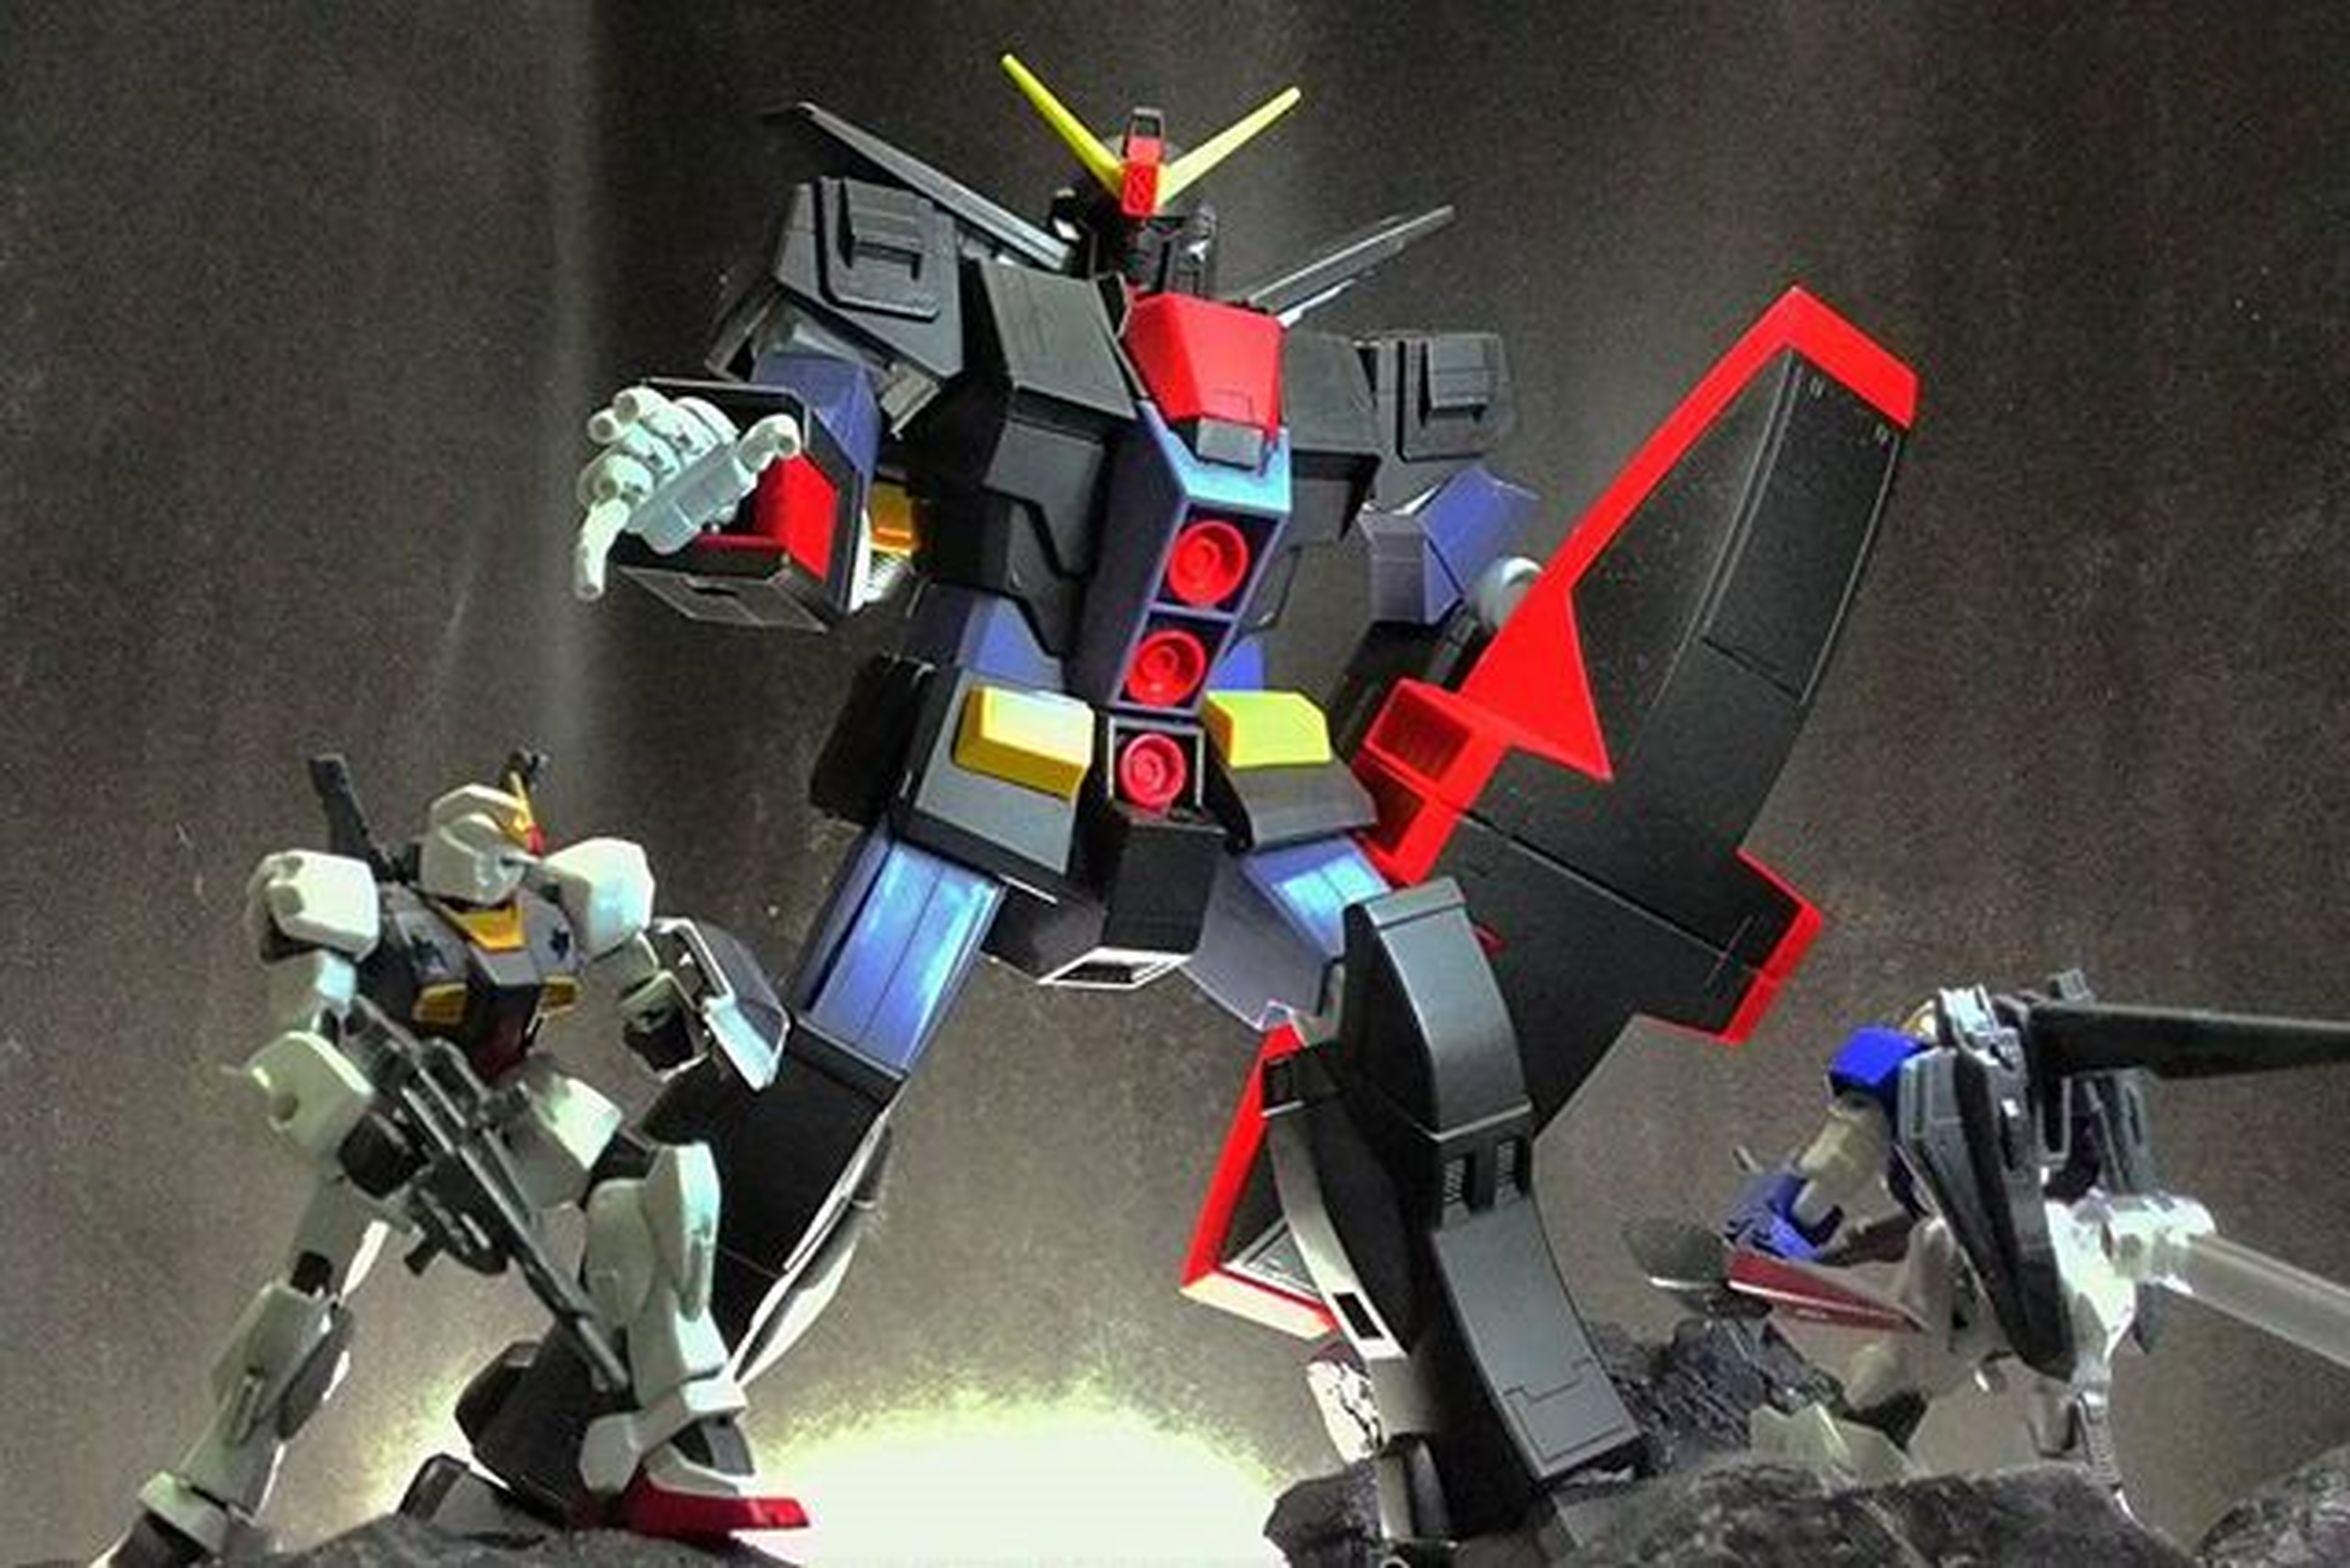 Psycho Gundam attacks Hguc Psychogundam Assaultkingdom Gundammk2 Zetagundam Mobilesuitgundam Gundamzeta Toyphotography Toyphotogram Instagundam